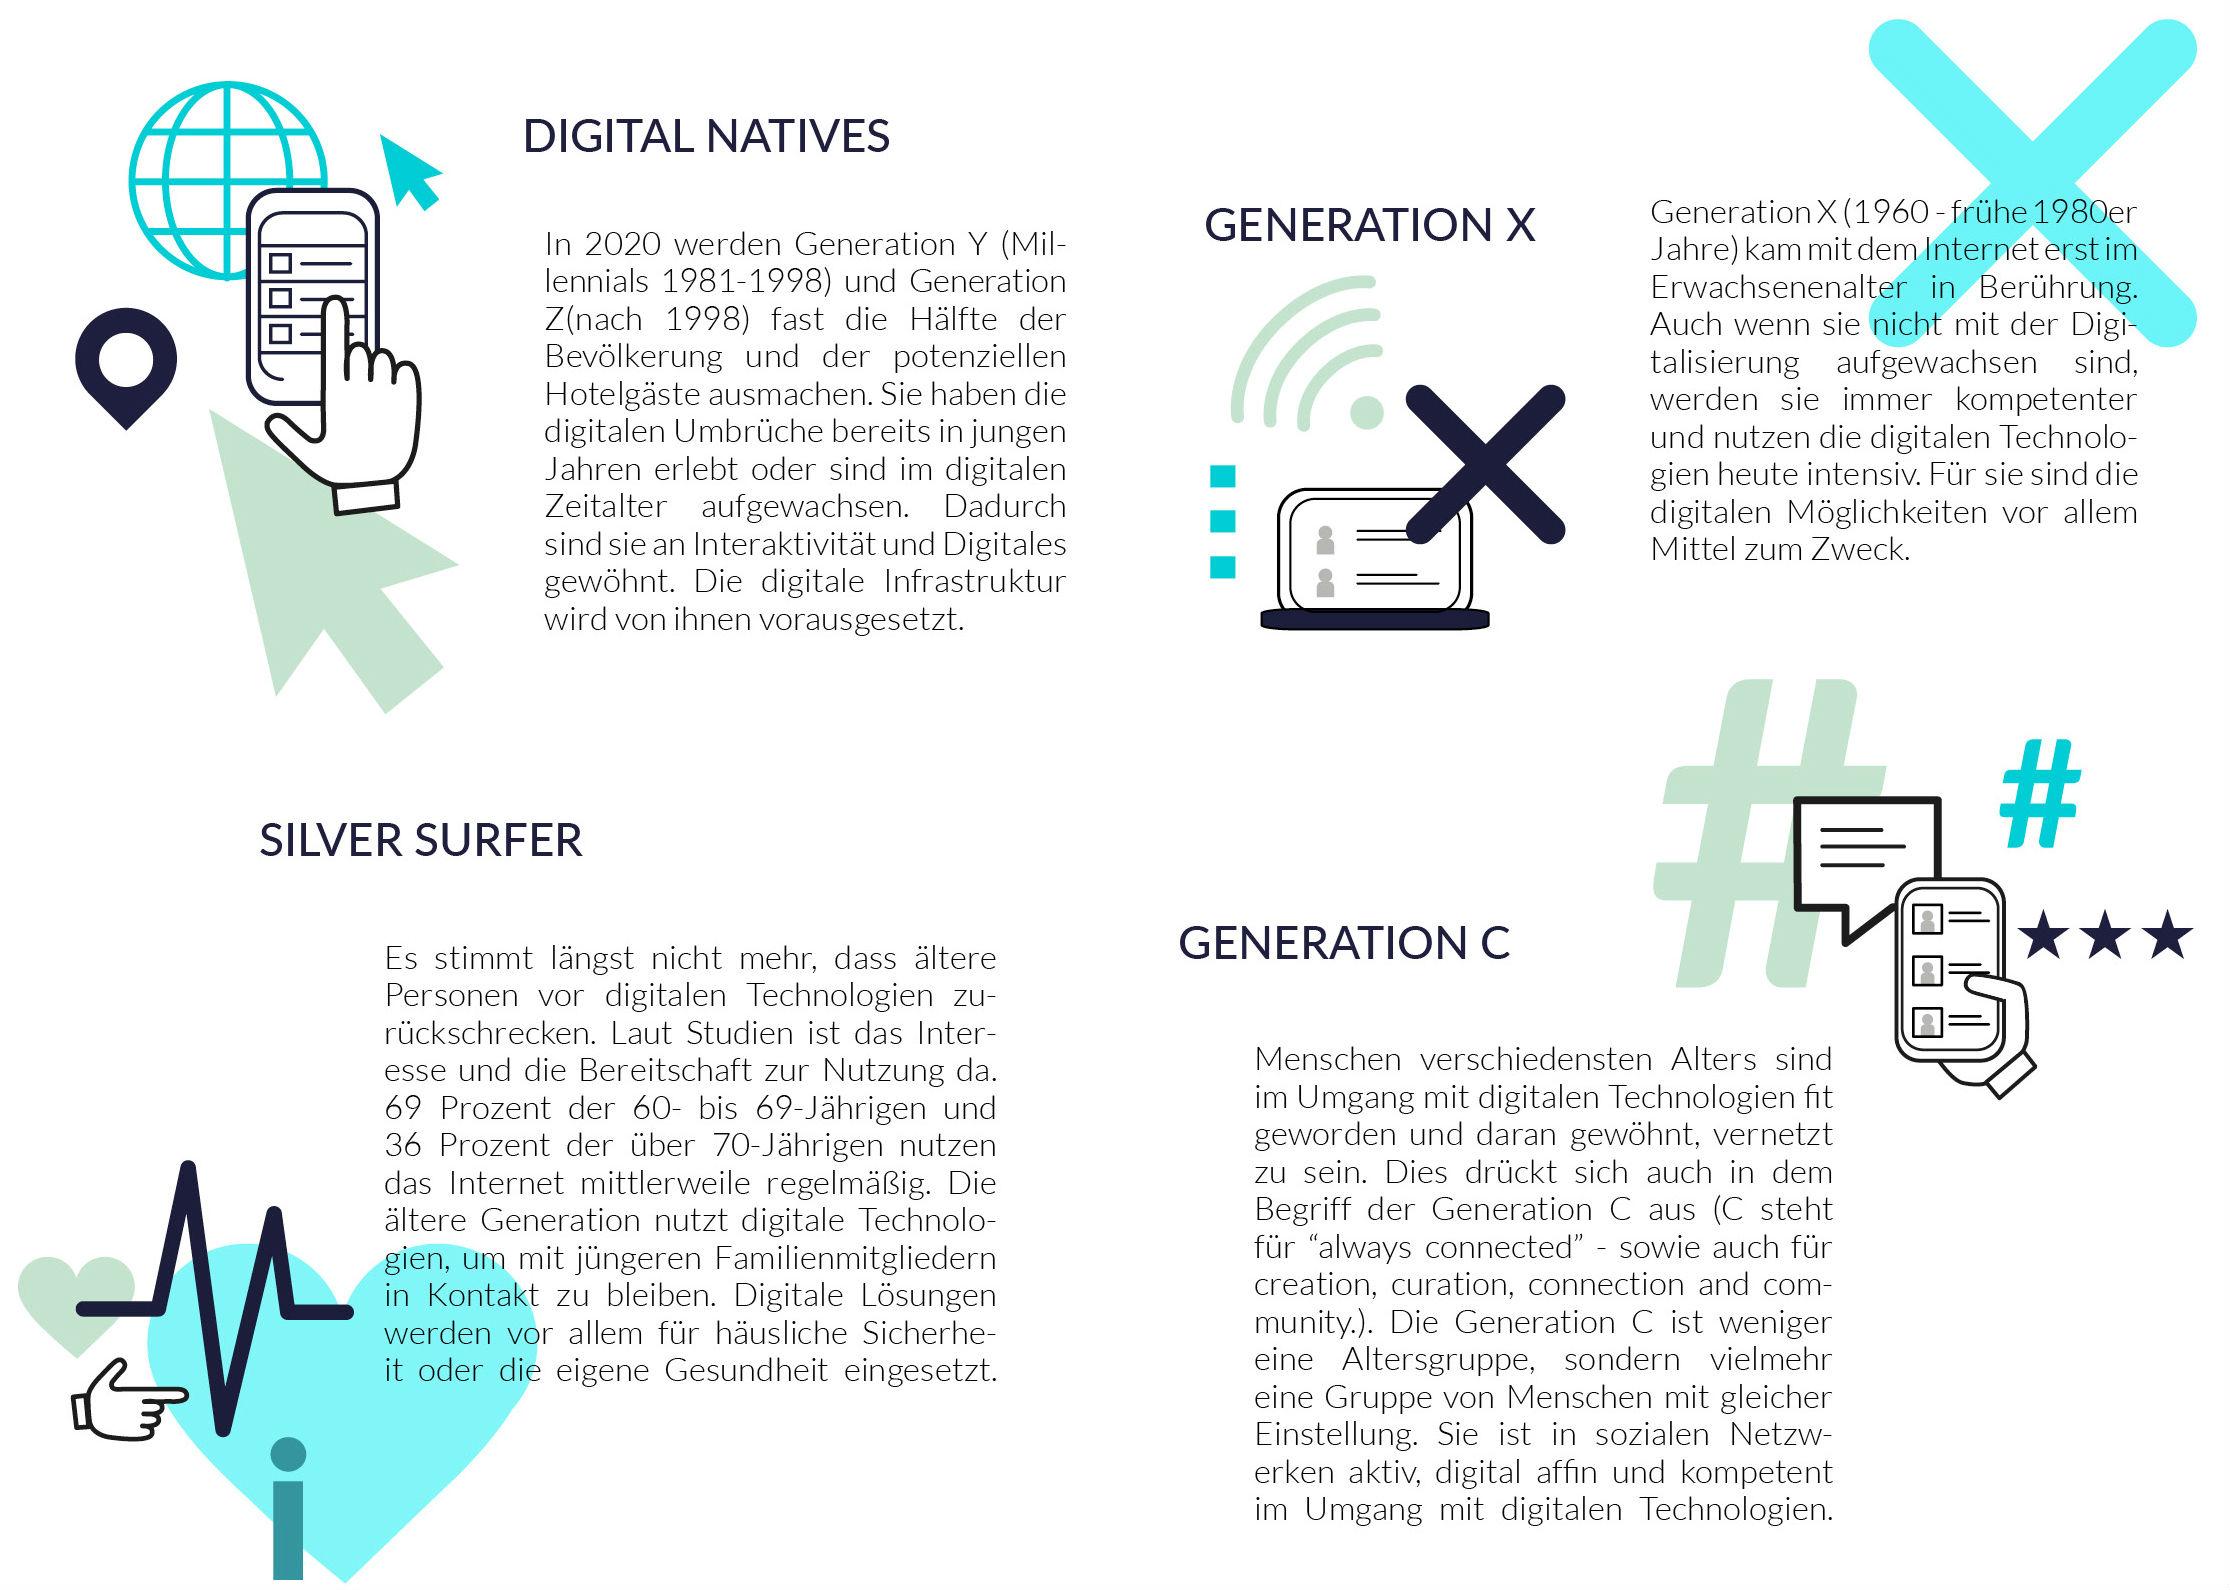 Digitale Bedürfnisse in der digitalisierten Gesellschaft